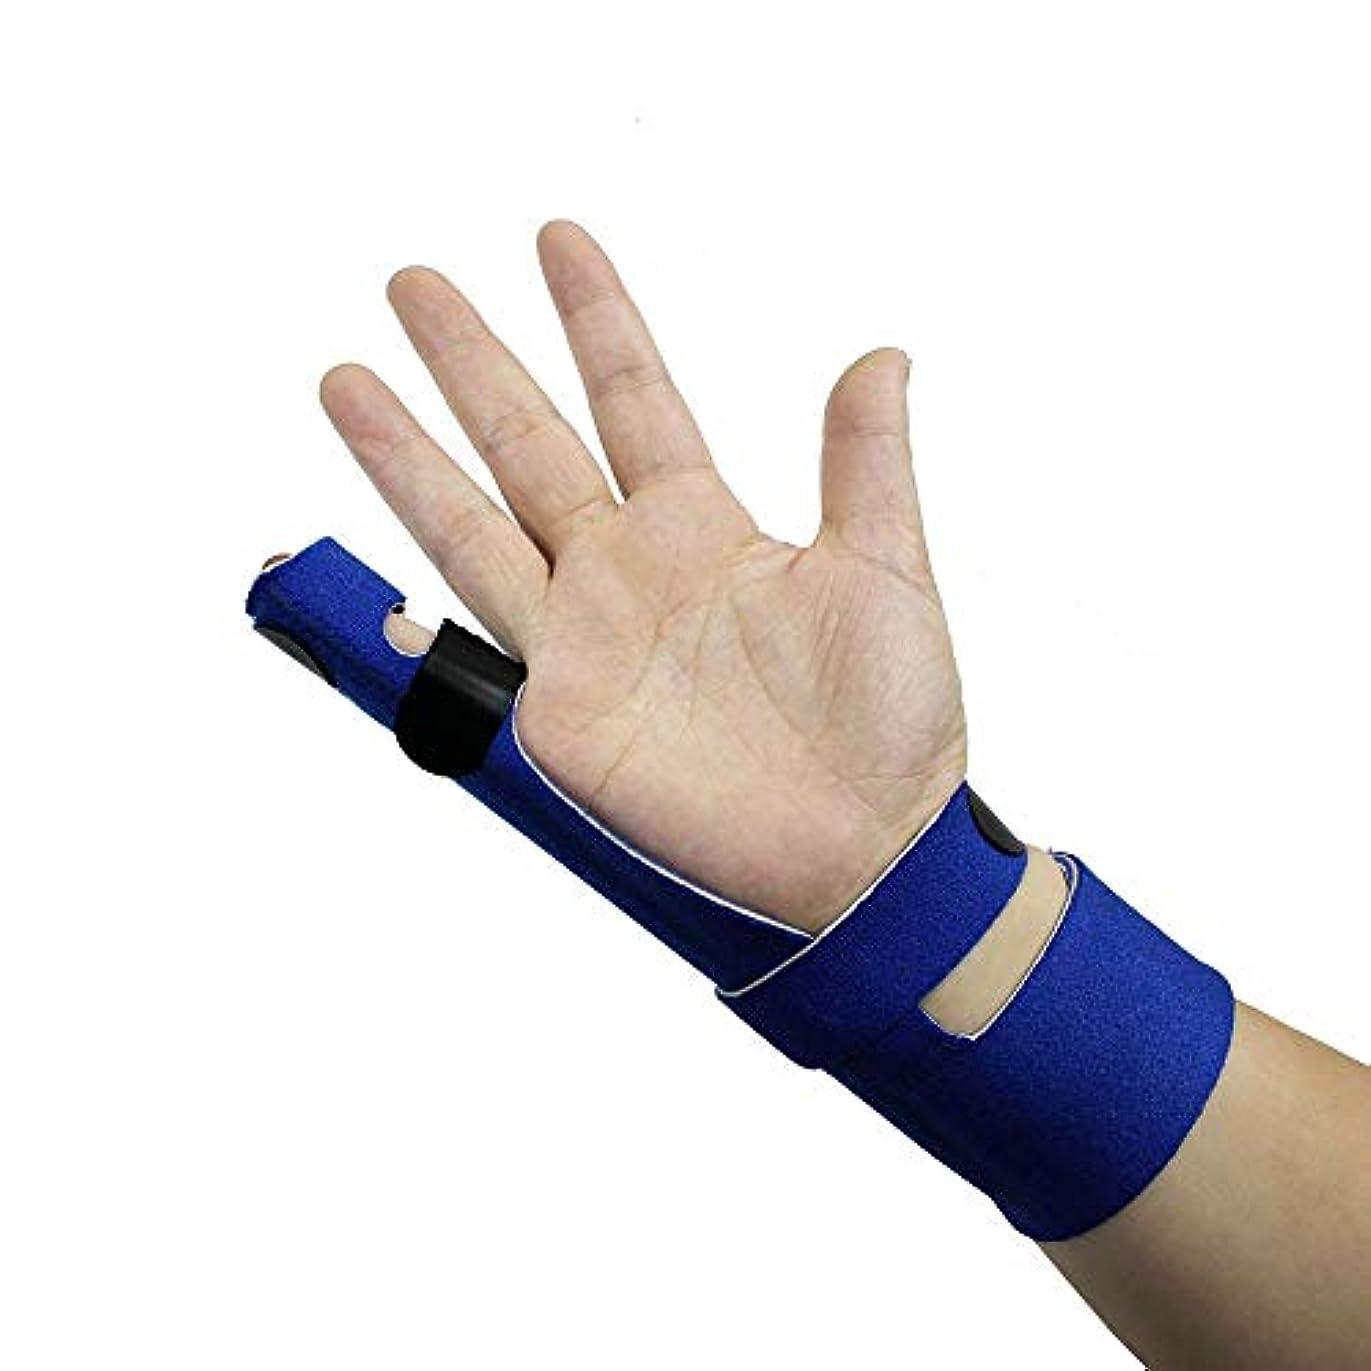 学校大騒ぎ寛容なフィンガーエクステンションスプリント、腱炎の痛みの軽減、トリガーフィンガー、マレットフィンガー、関節炎フィンガースプリントの指の骨折または骨折